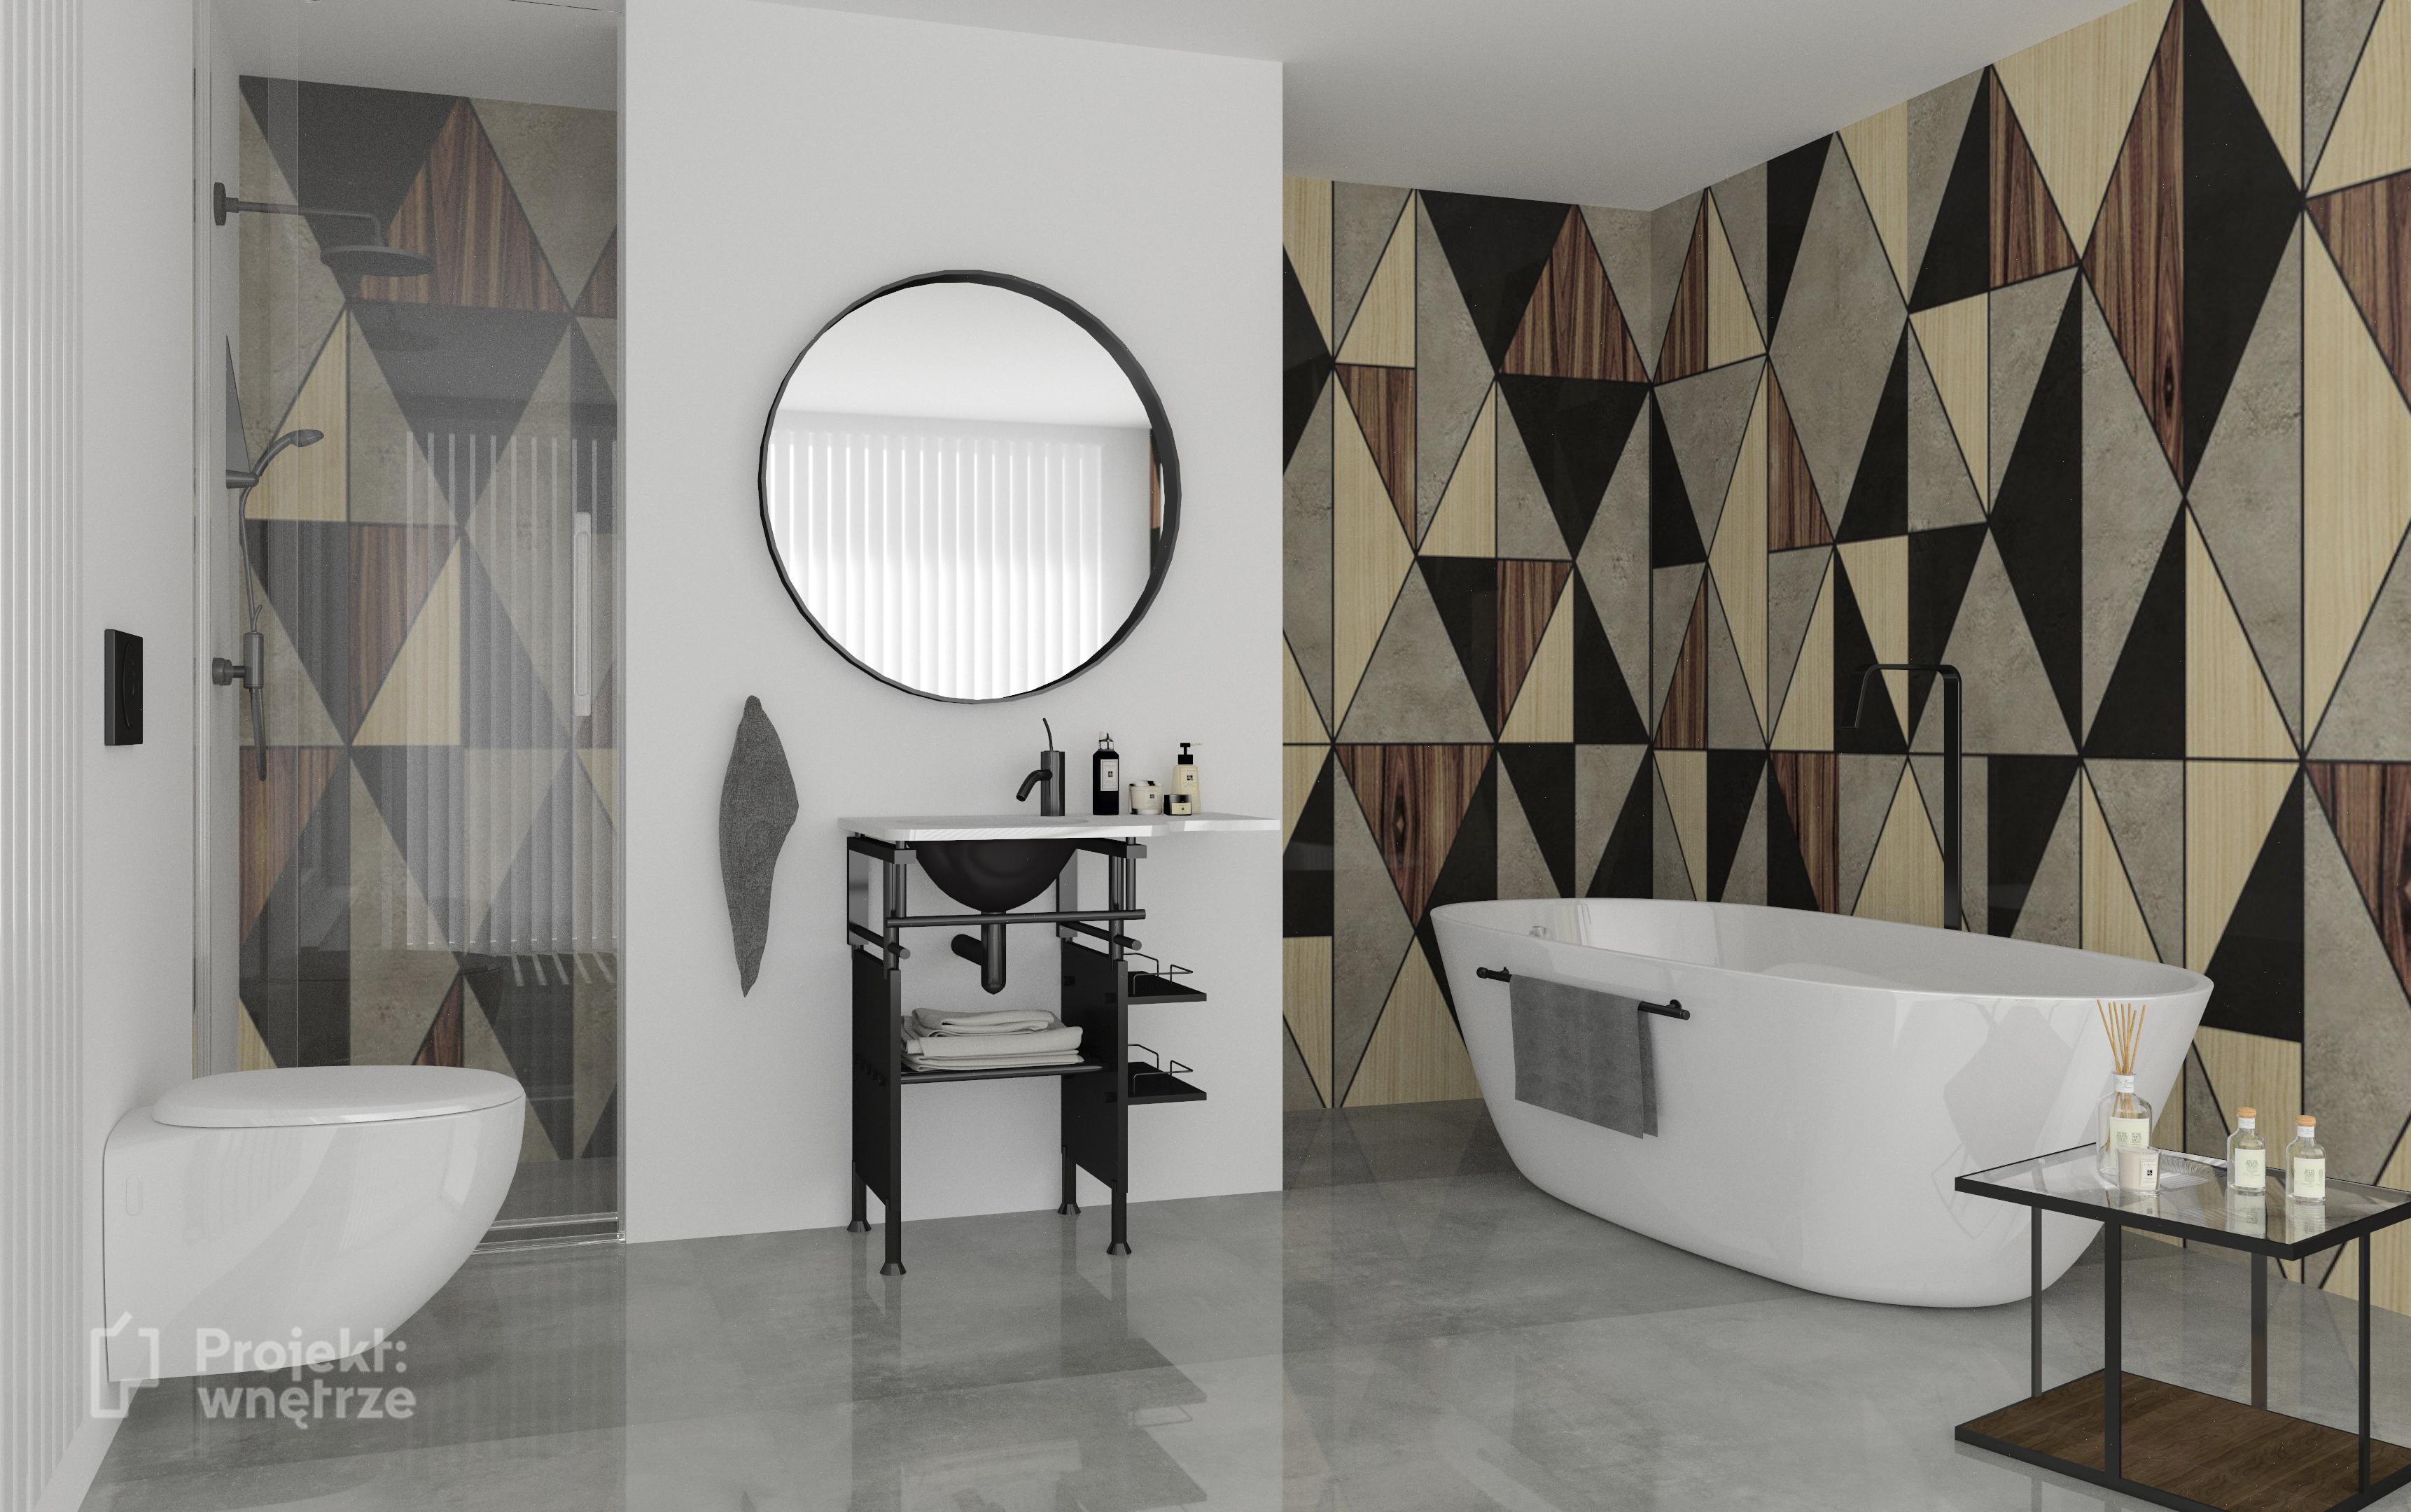 PROJEKT WNETRZE tapeta w łazience heksa trójkąt pomysły inspiracje - wzorzysta łazienka - Pracownia projektowania wnętrz Warszawa mazowieckie online (3)